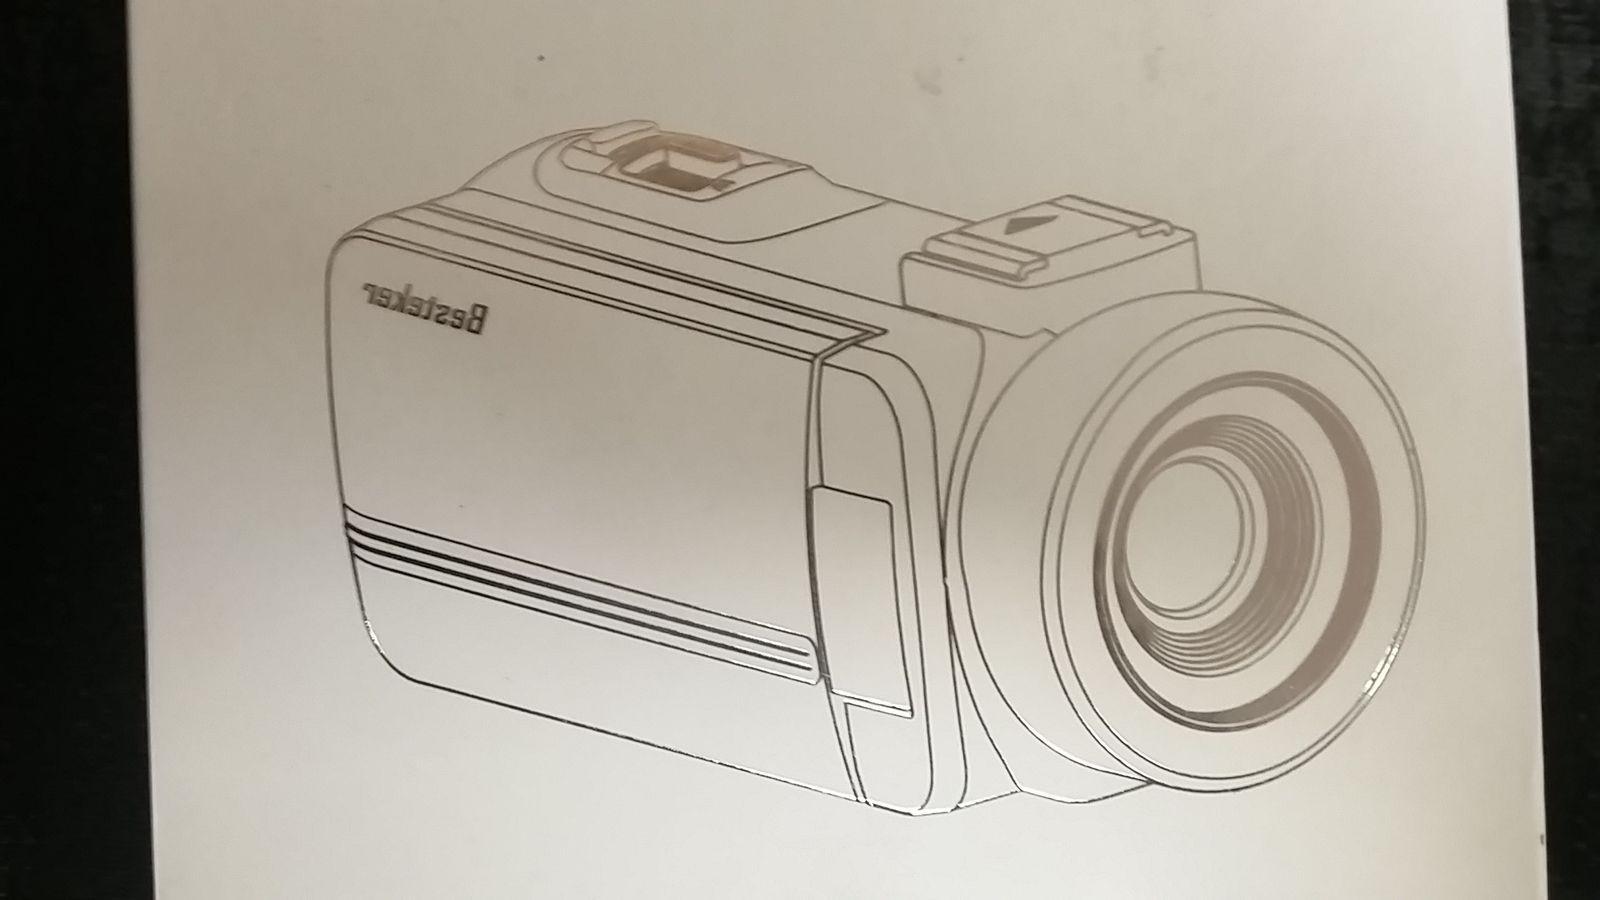 digital video camera 1920x1080 hd new